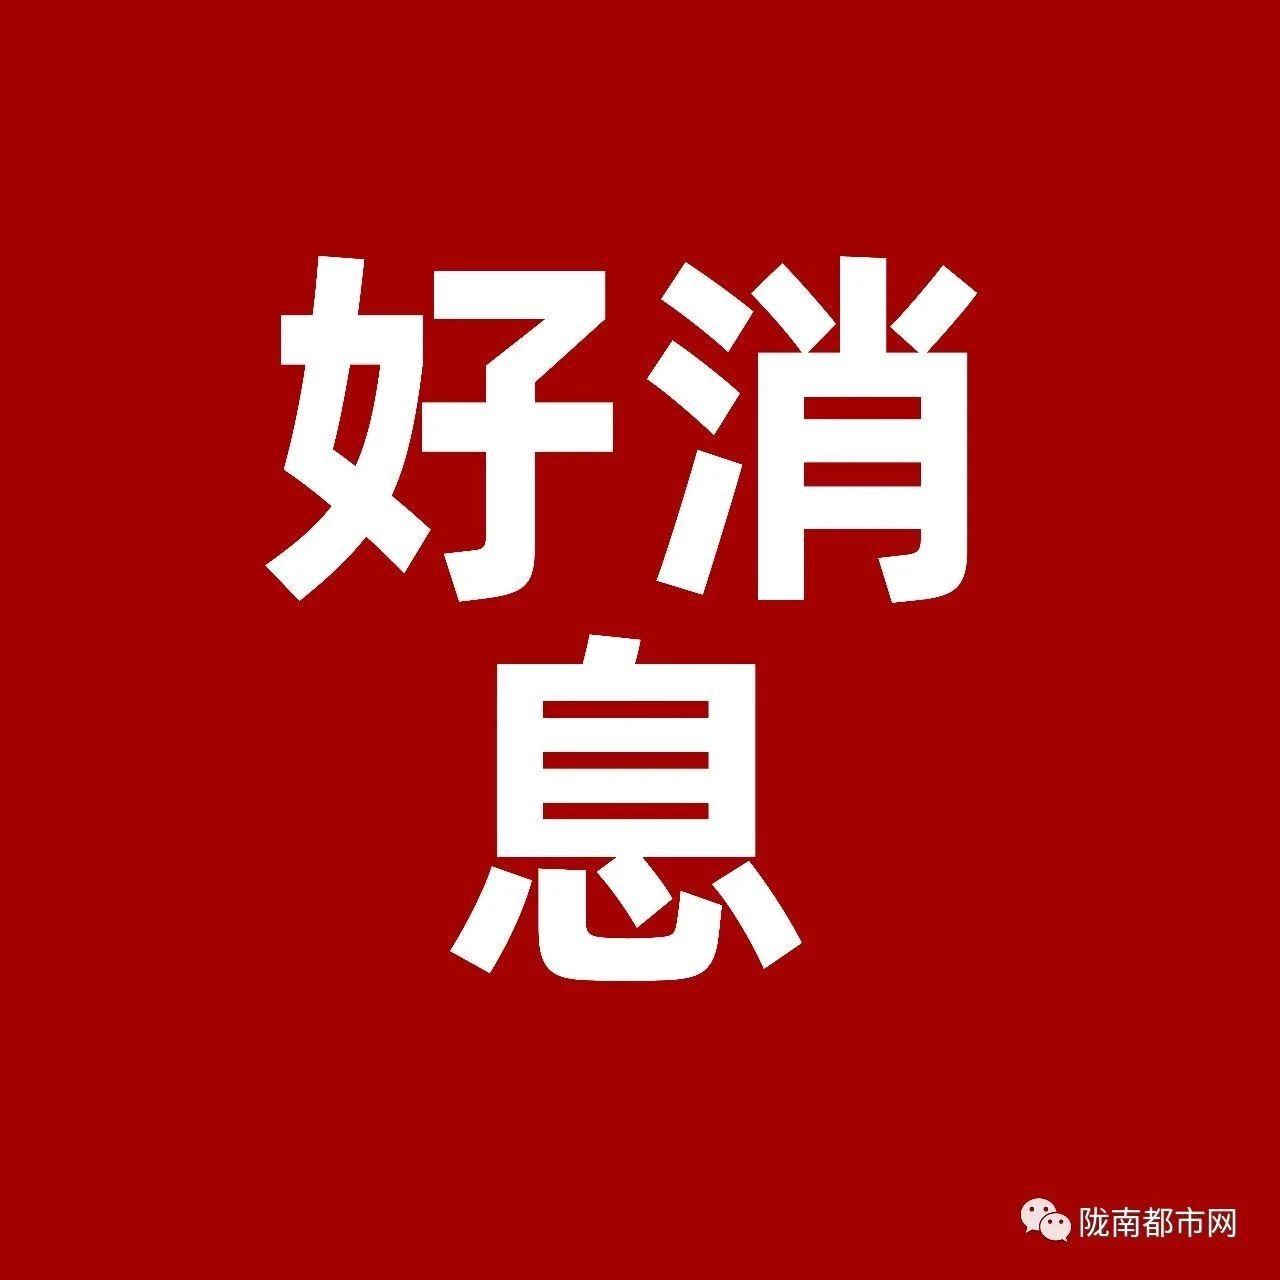 40人(陇南3人)!甘肃省地震局2021年度事业单位公开招聘工作人员(附岗位表)